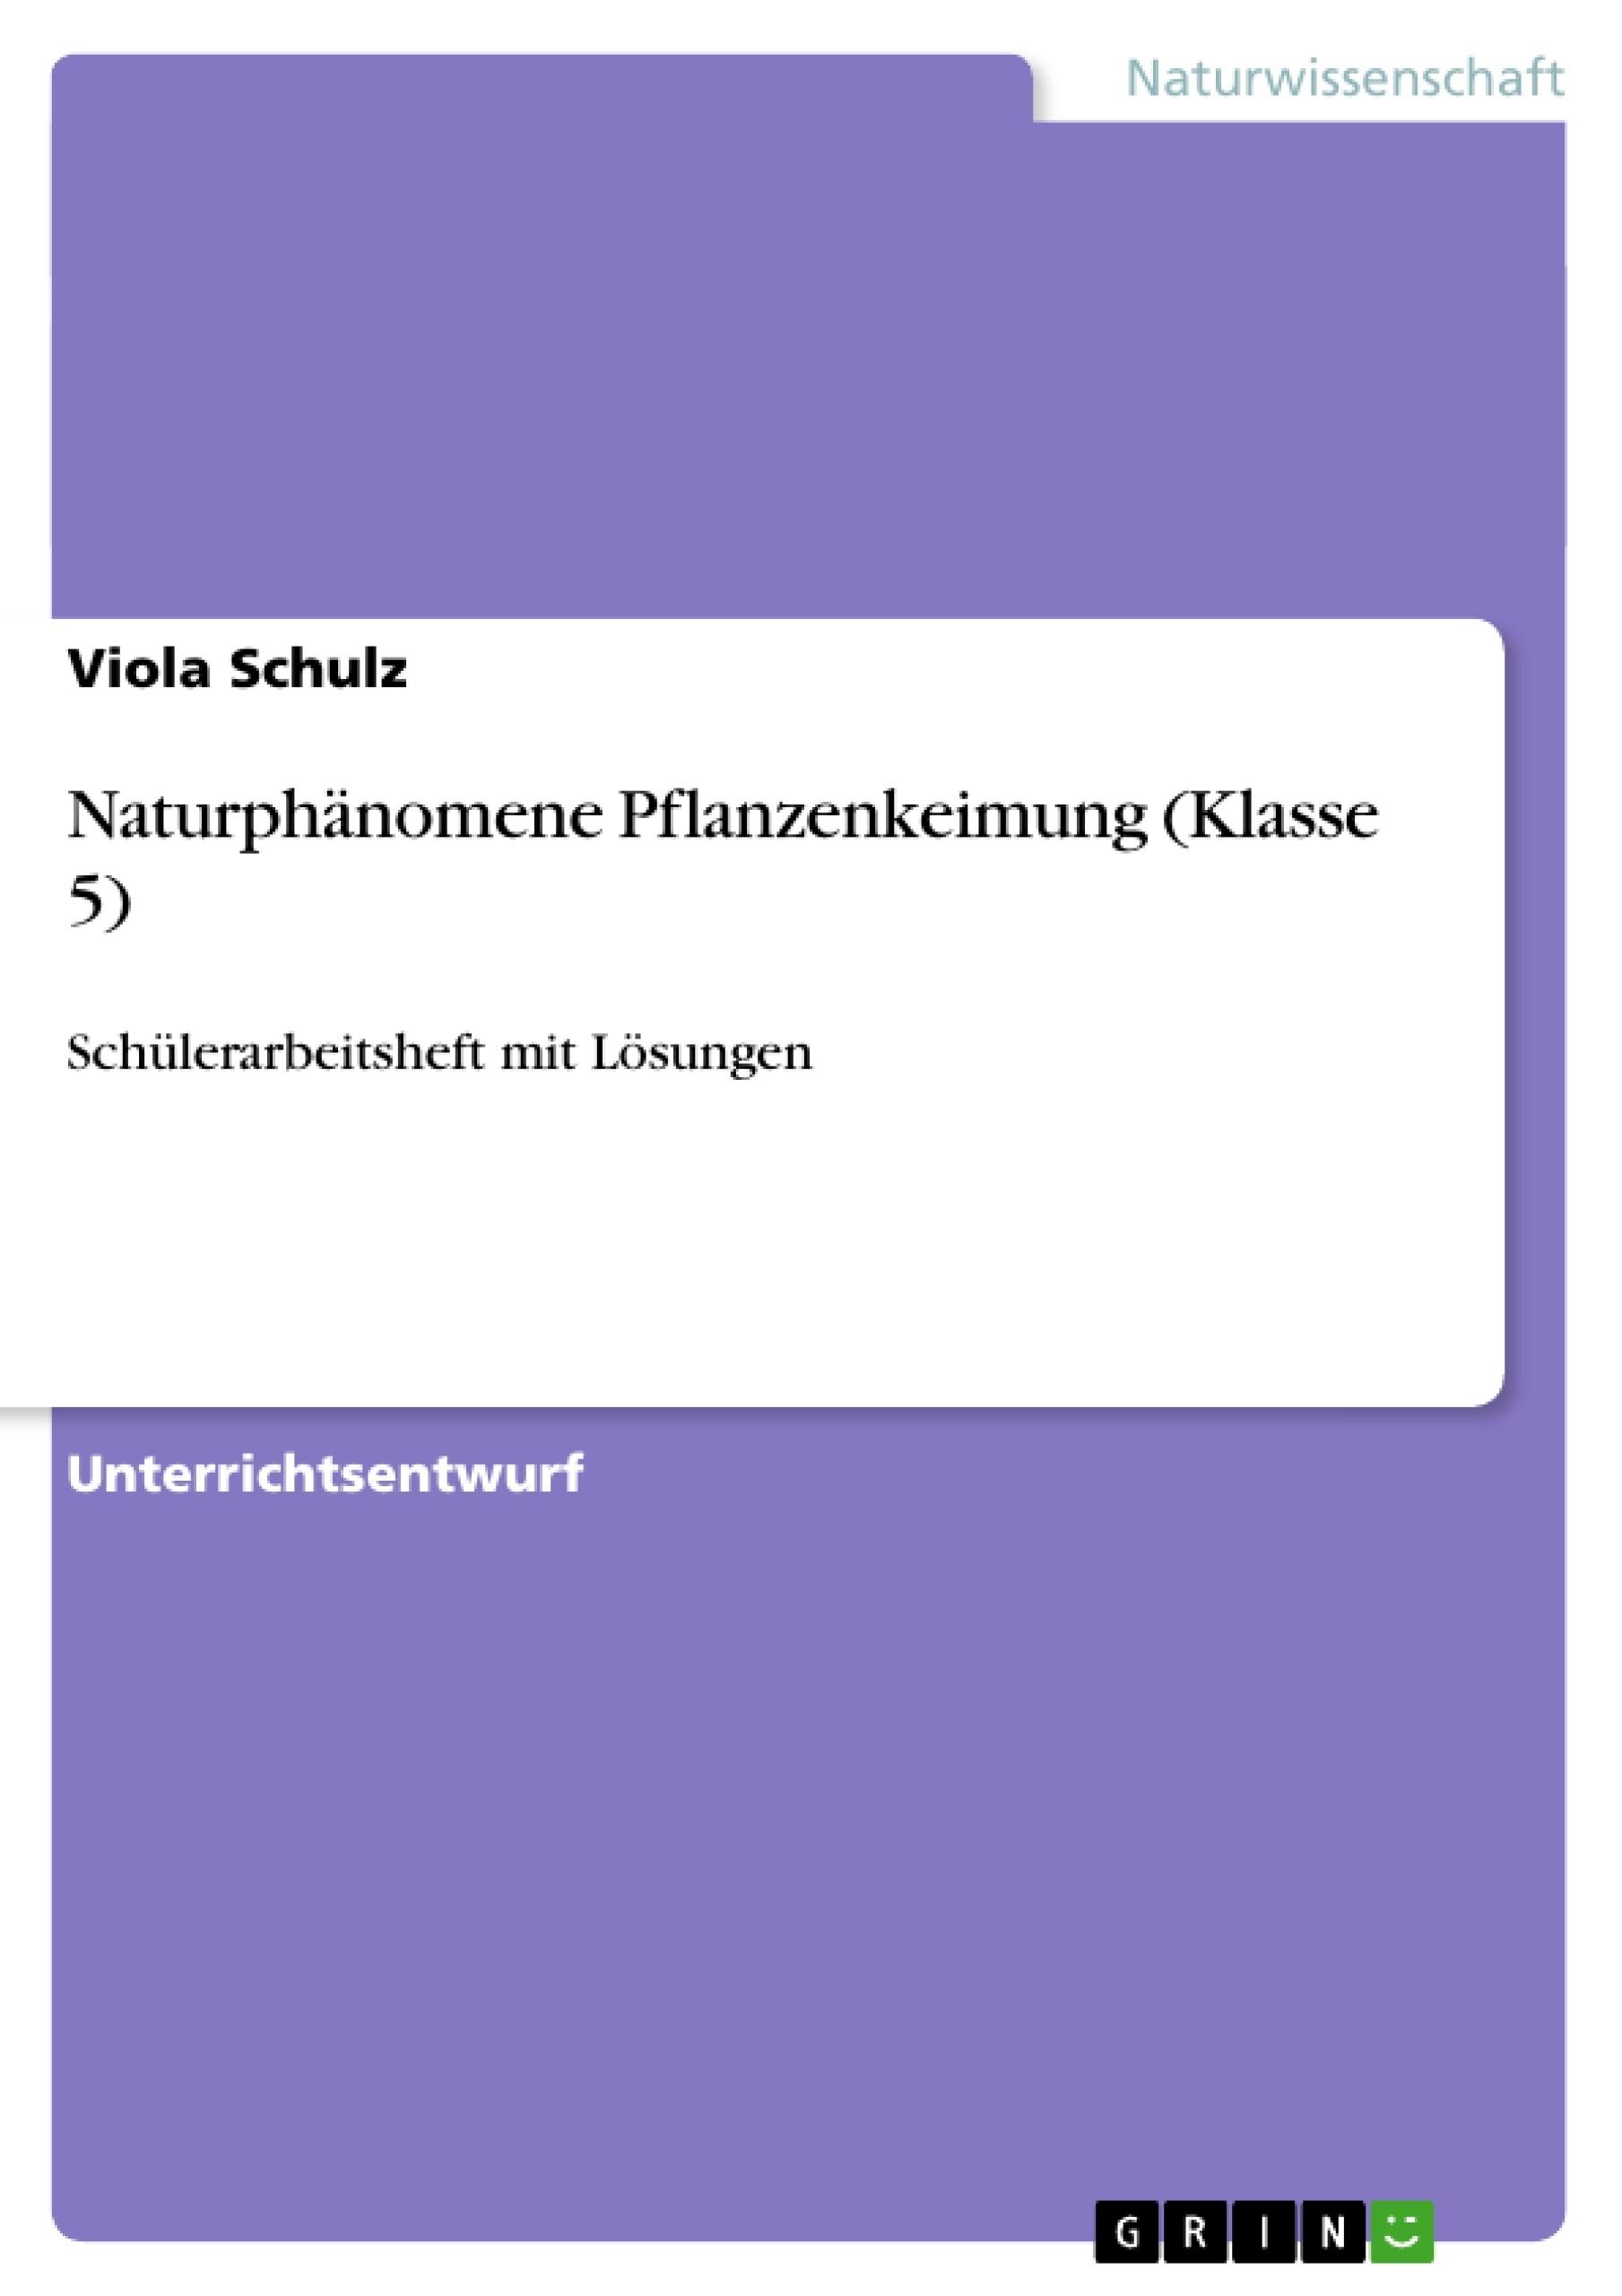 Titel: Naturphänomene Pflanzenkeimung (Klasse 5)